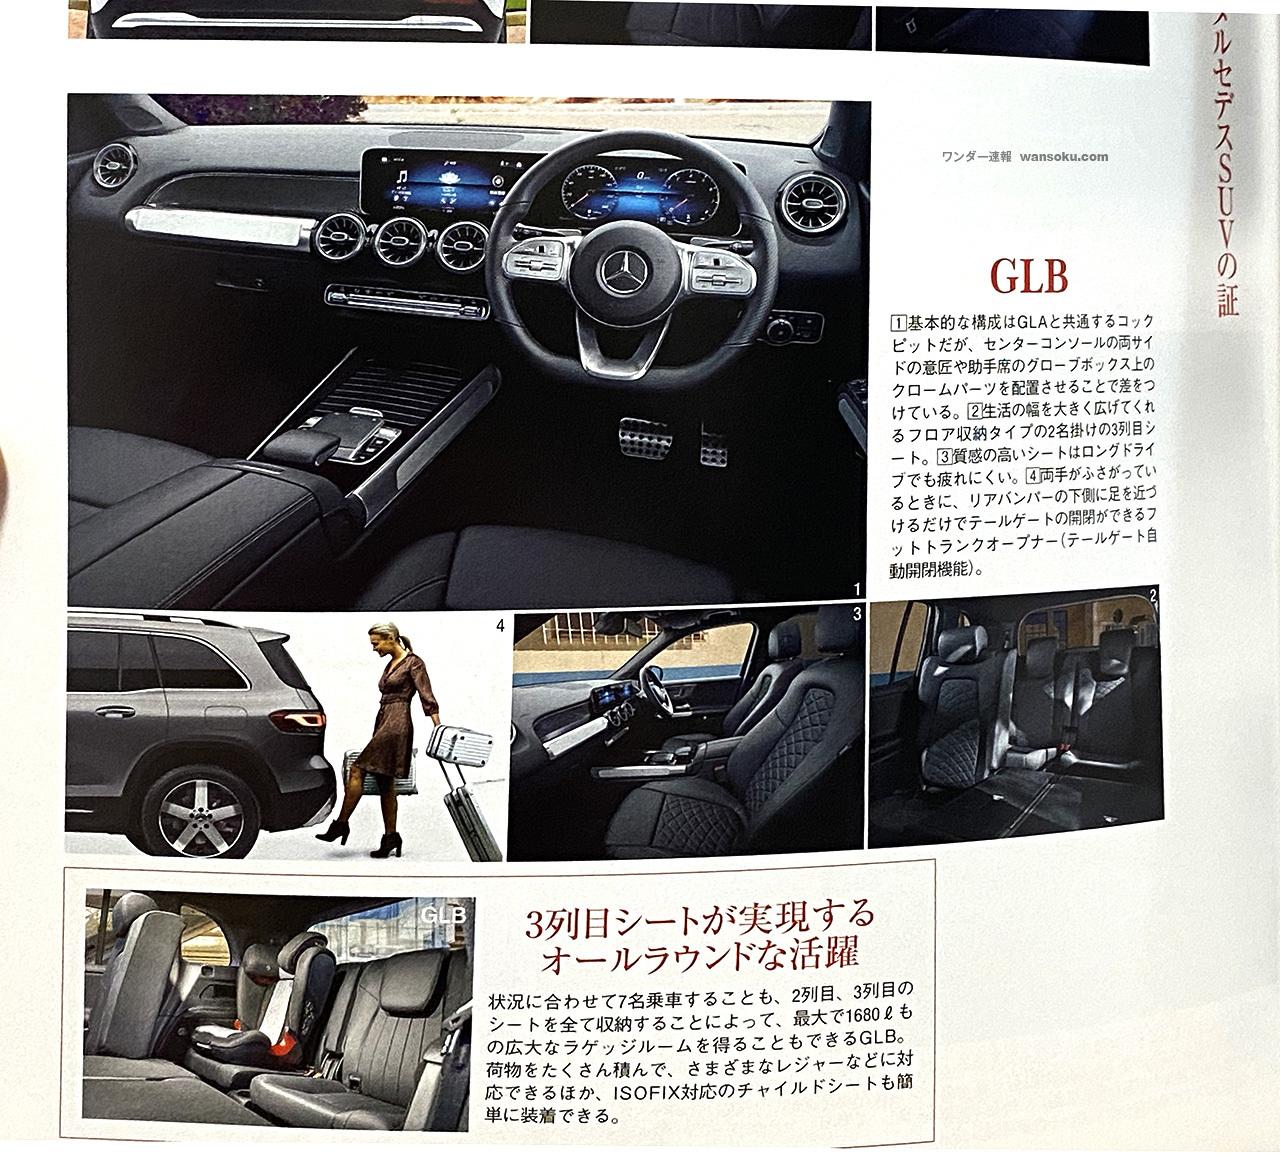 GLB04_202006192357420c5.jpg